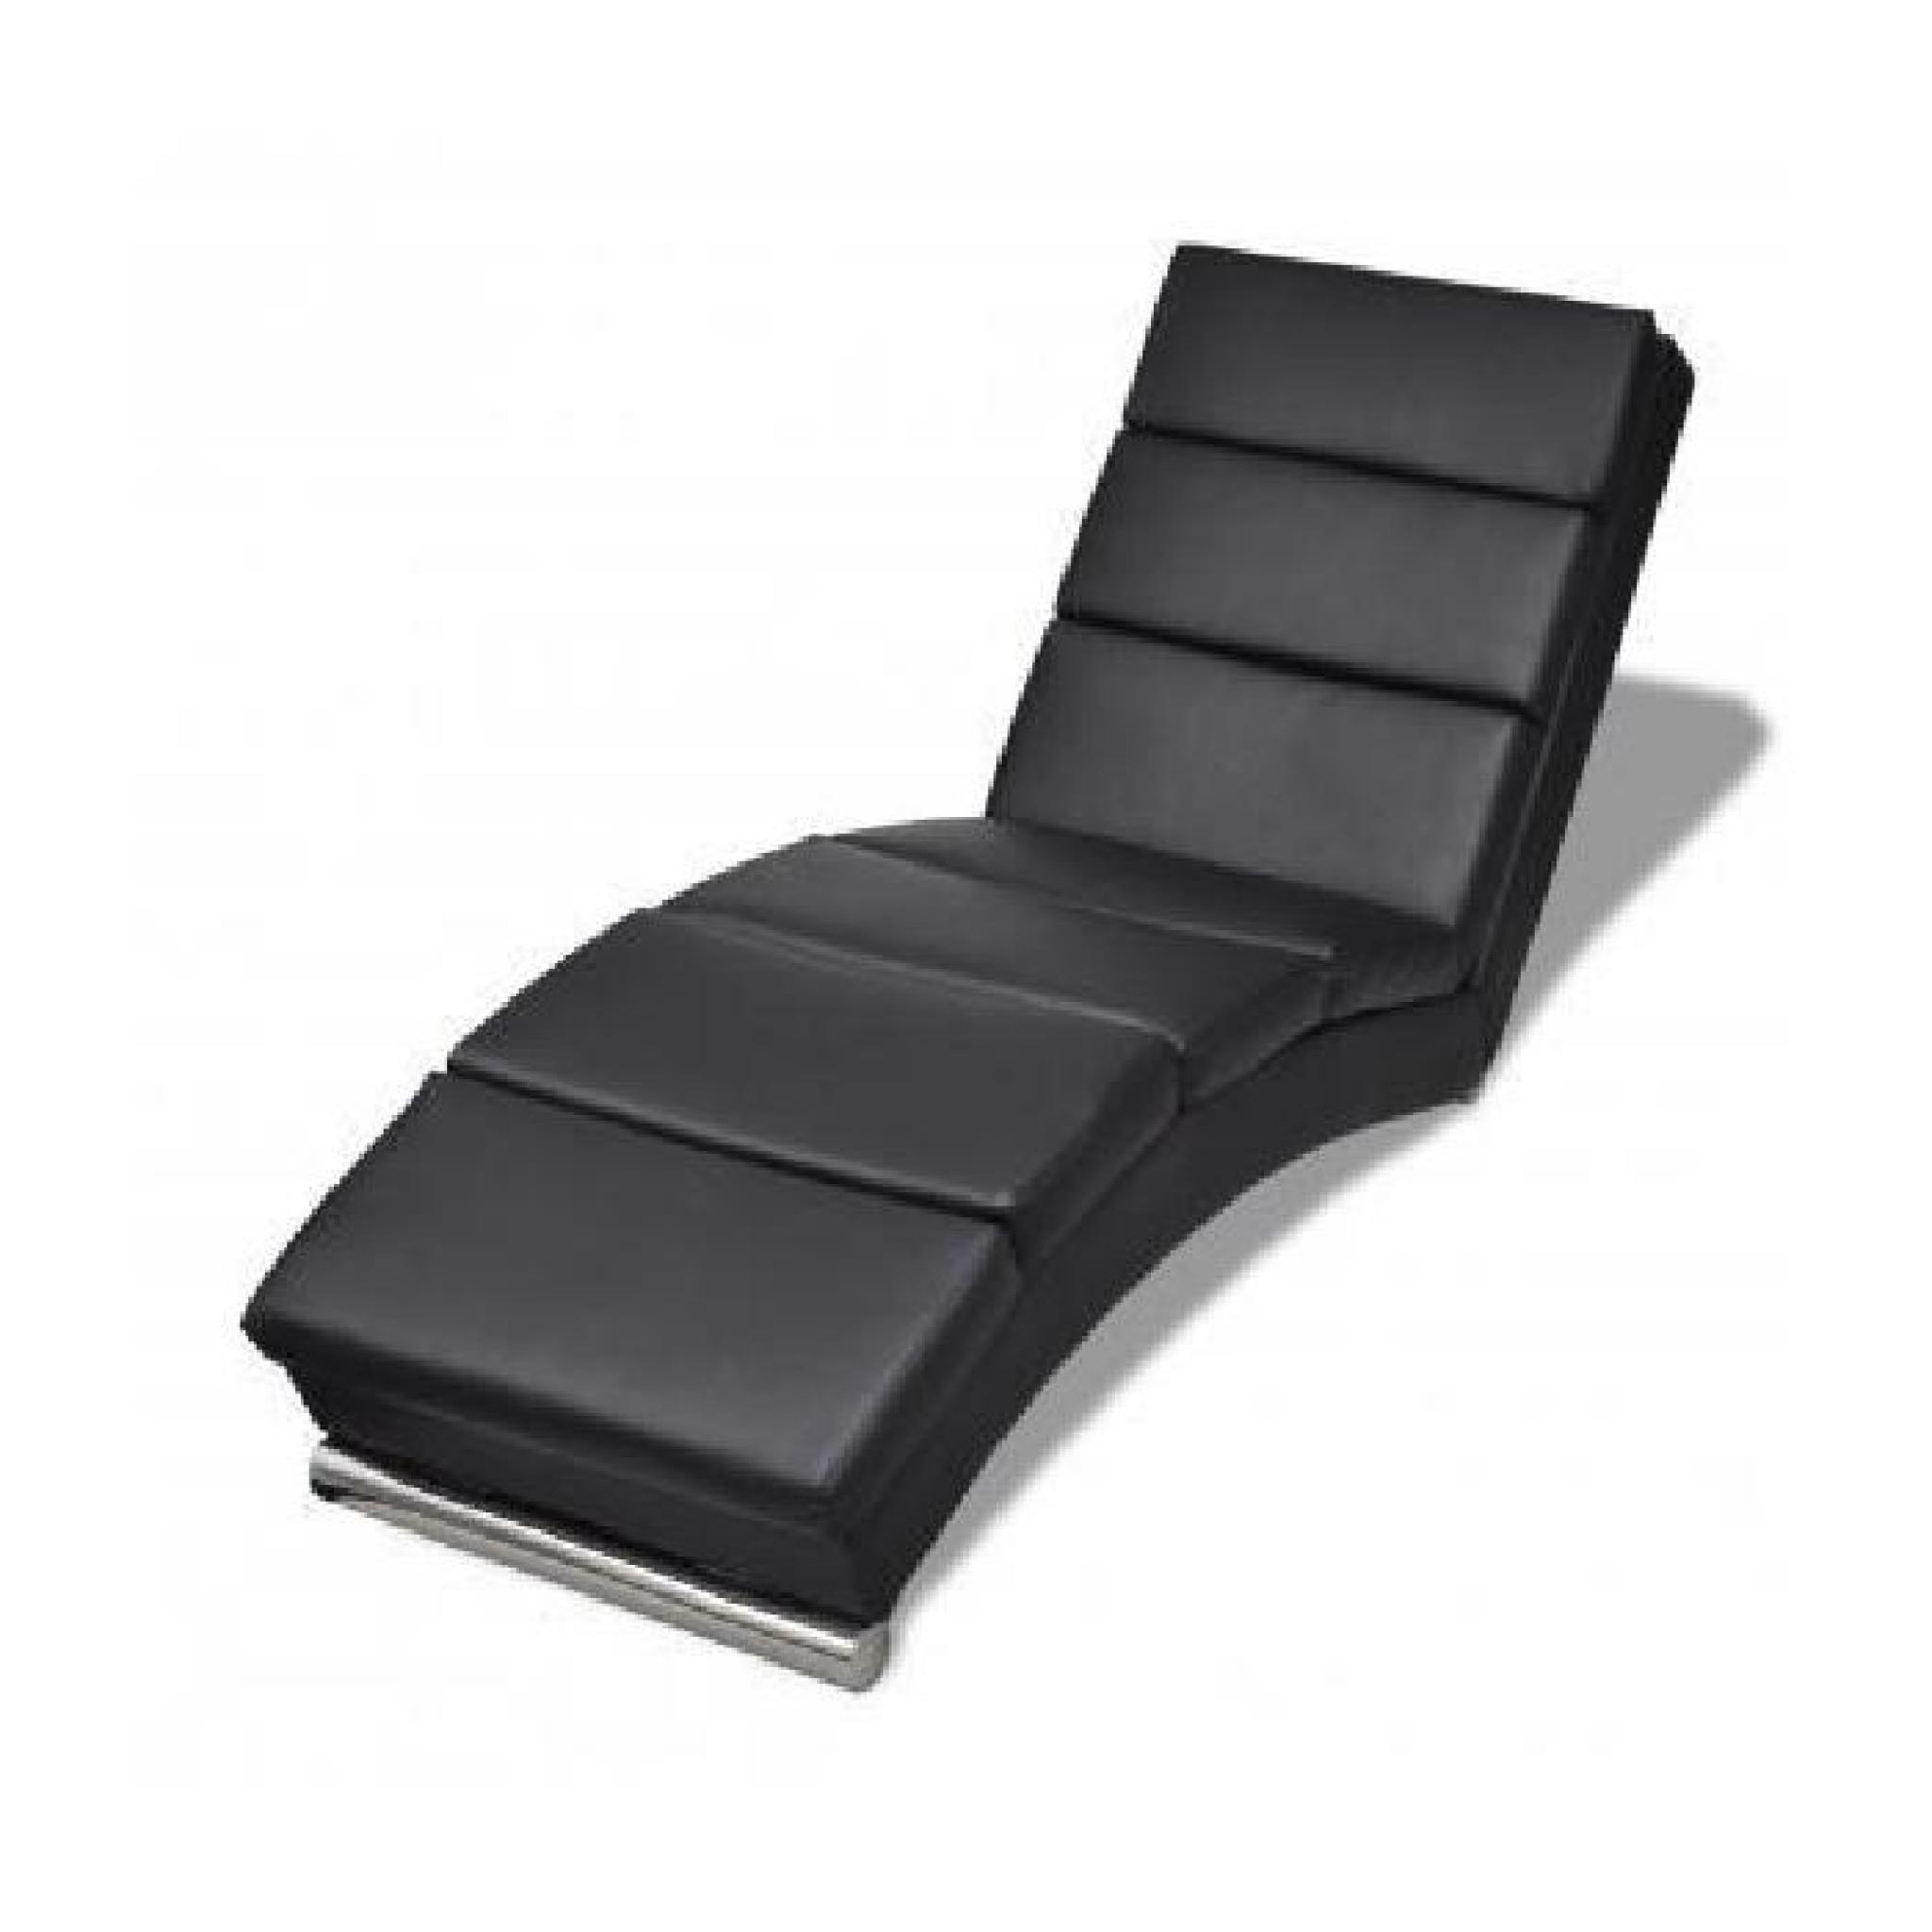 Chaise longue noire stylashop achat vente transat de for Chaise longue noire